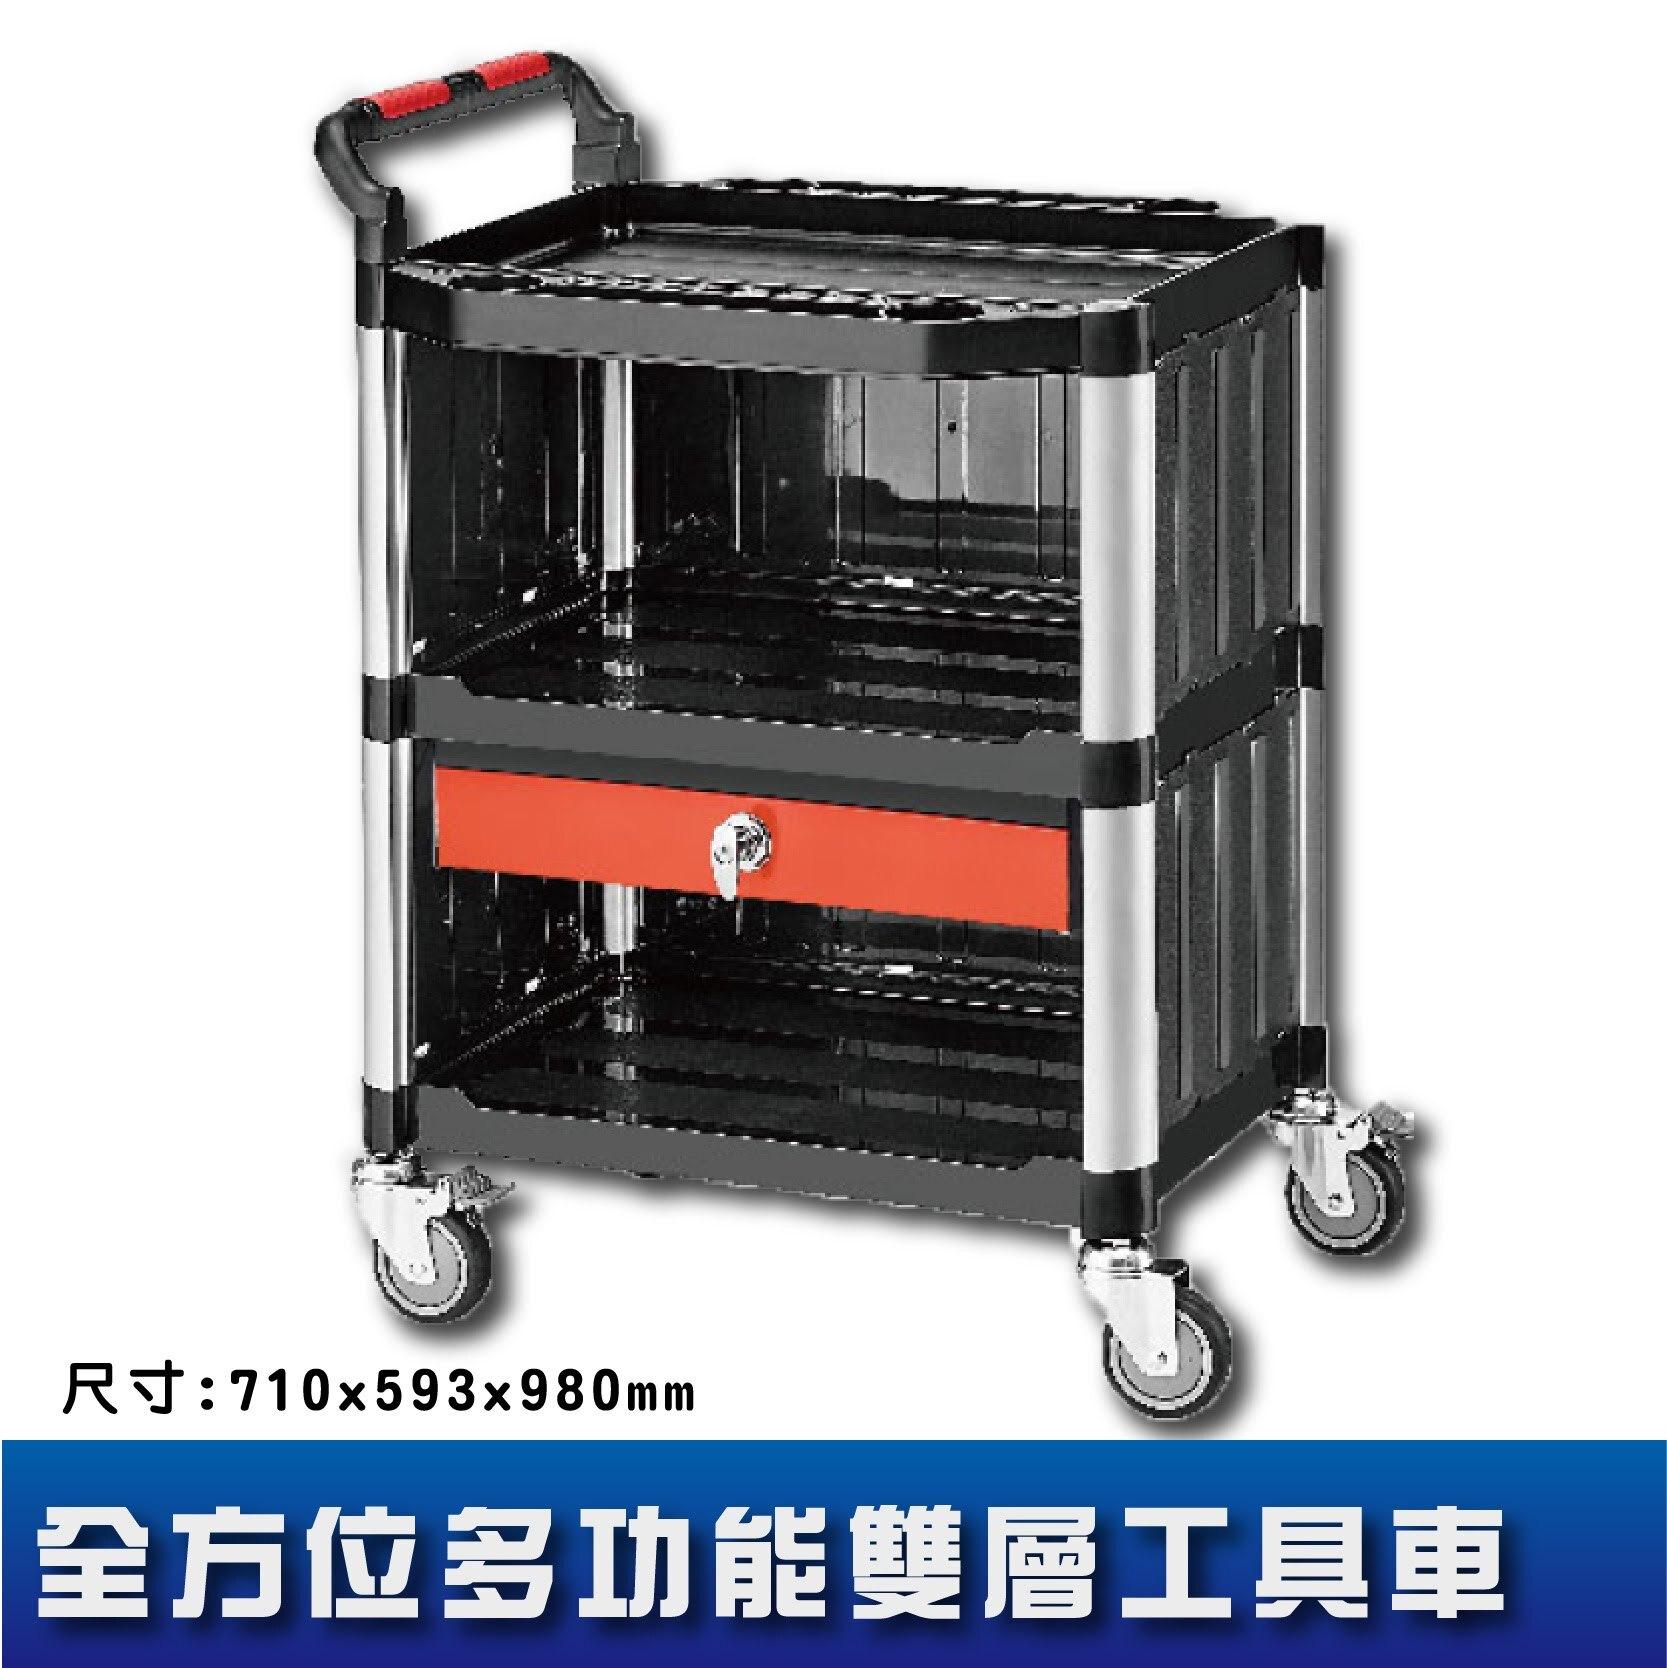 多種選擇〞KT808FB4 全方位多功能三層工具車 手推車 工作車 置物車 分層車 餐車 清潔車 房務車 服務車